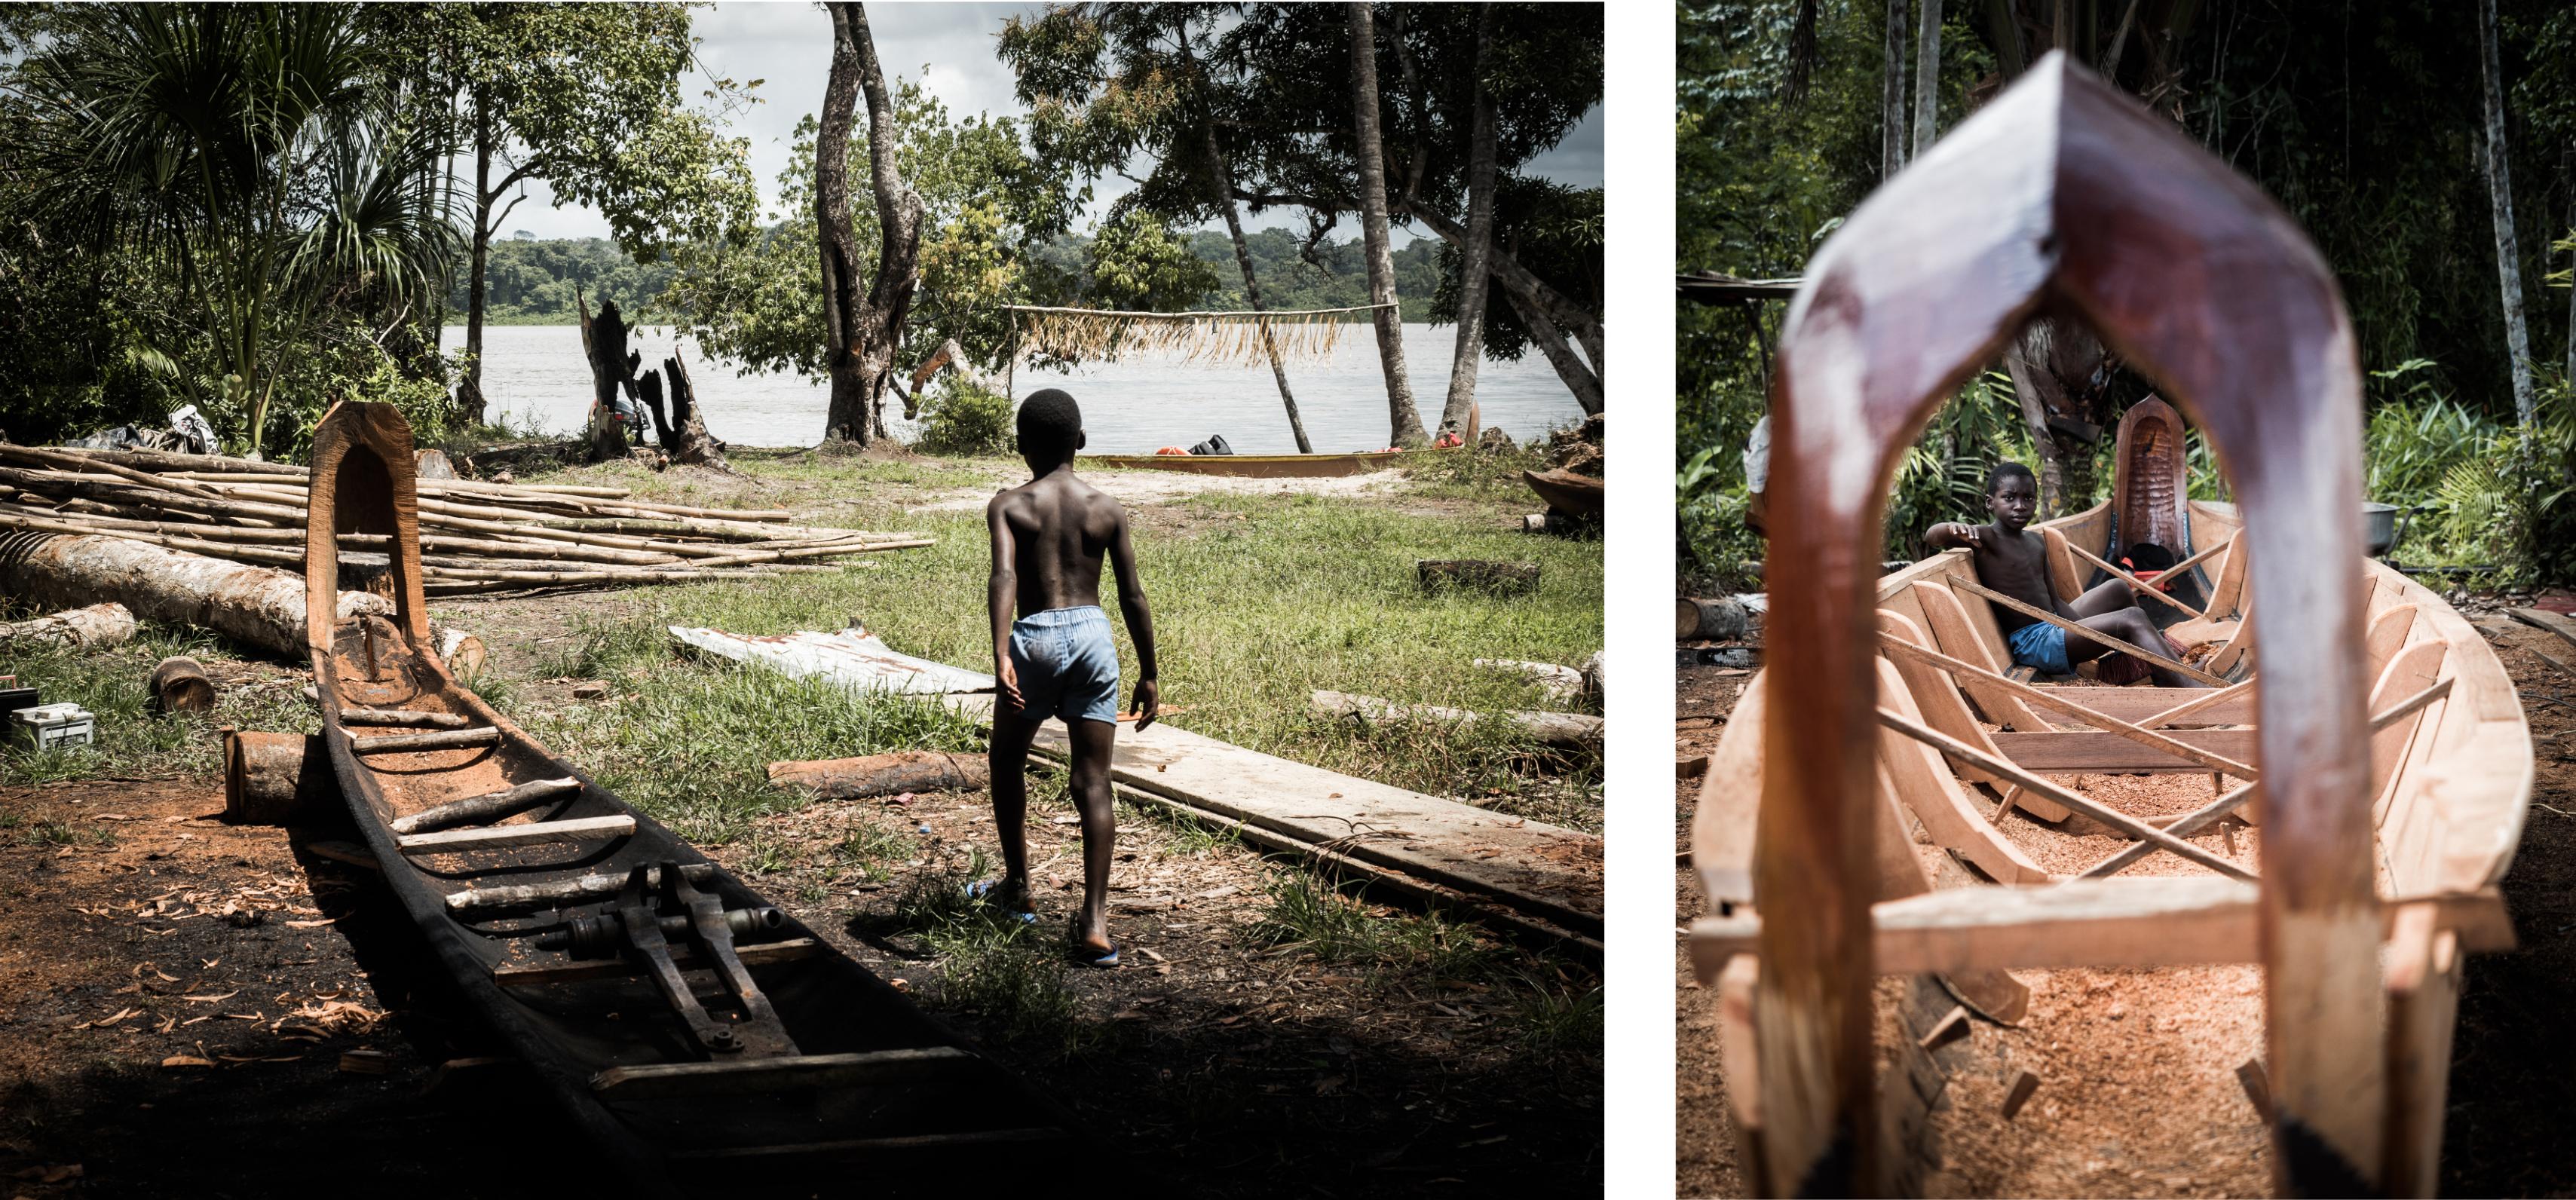 visiter la guyane - fleuve st laurent du maroni - construction d'une pirogue